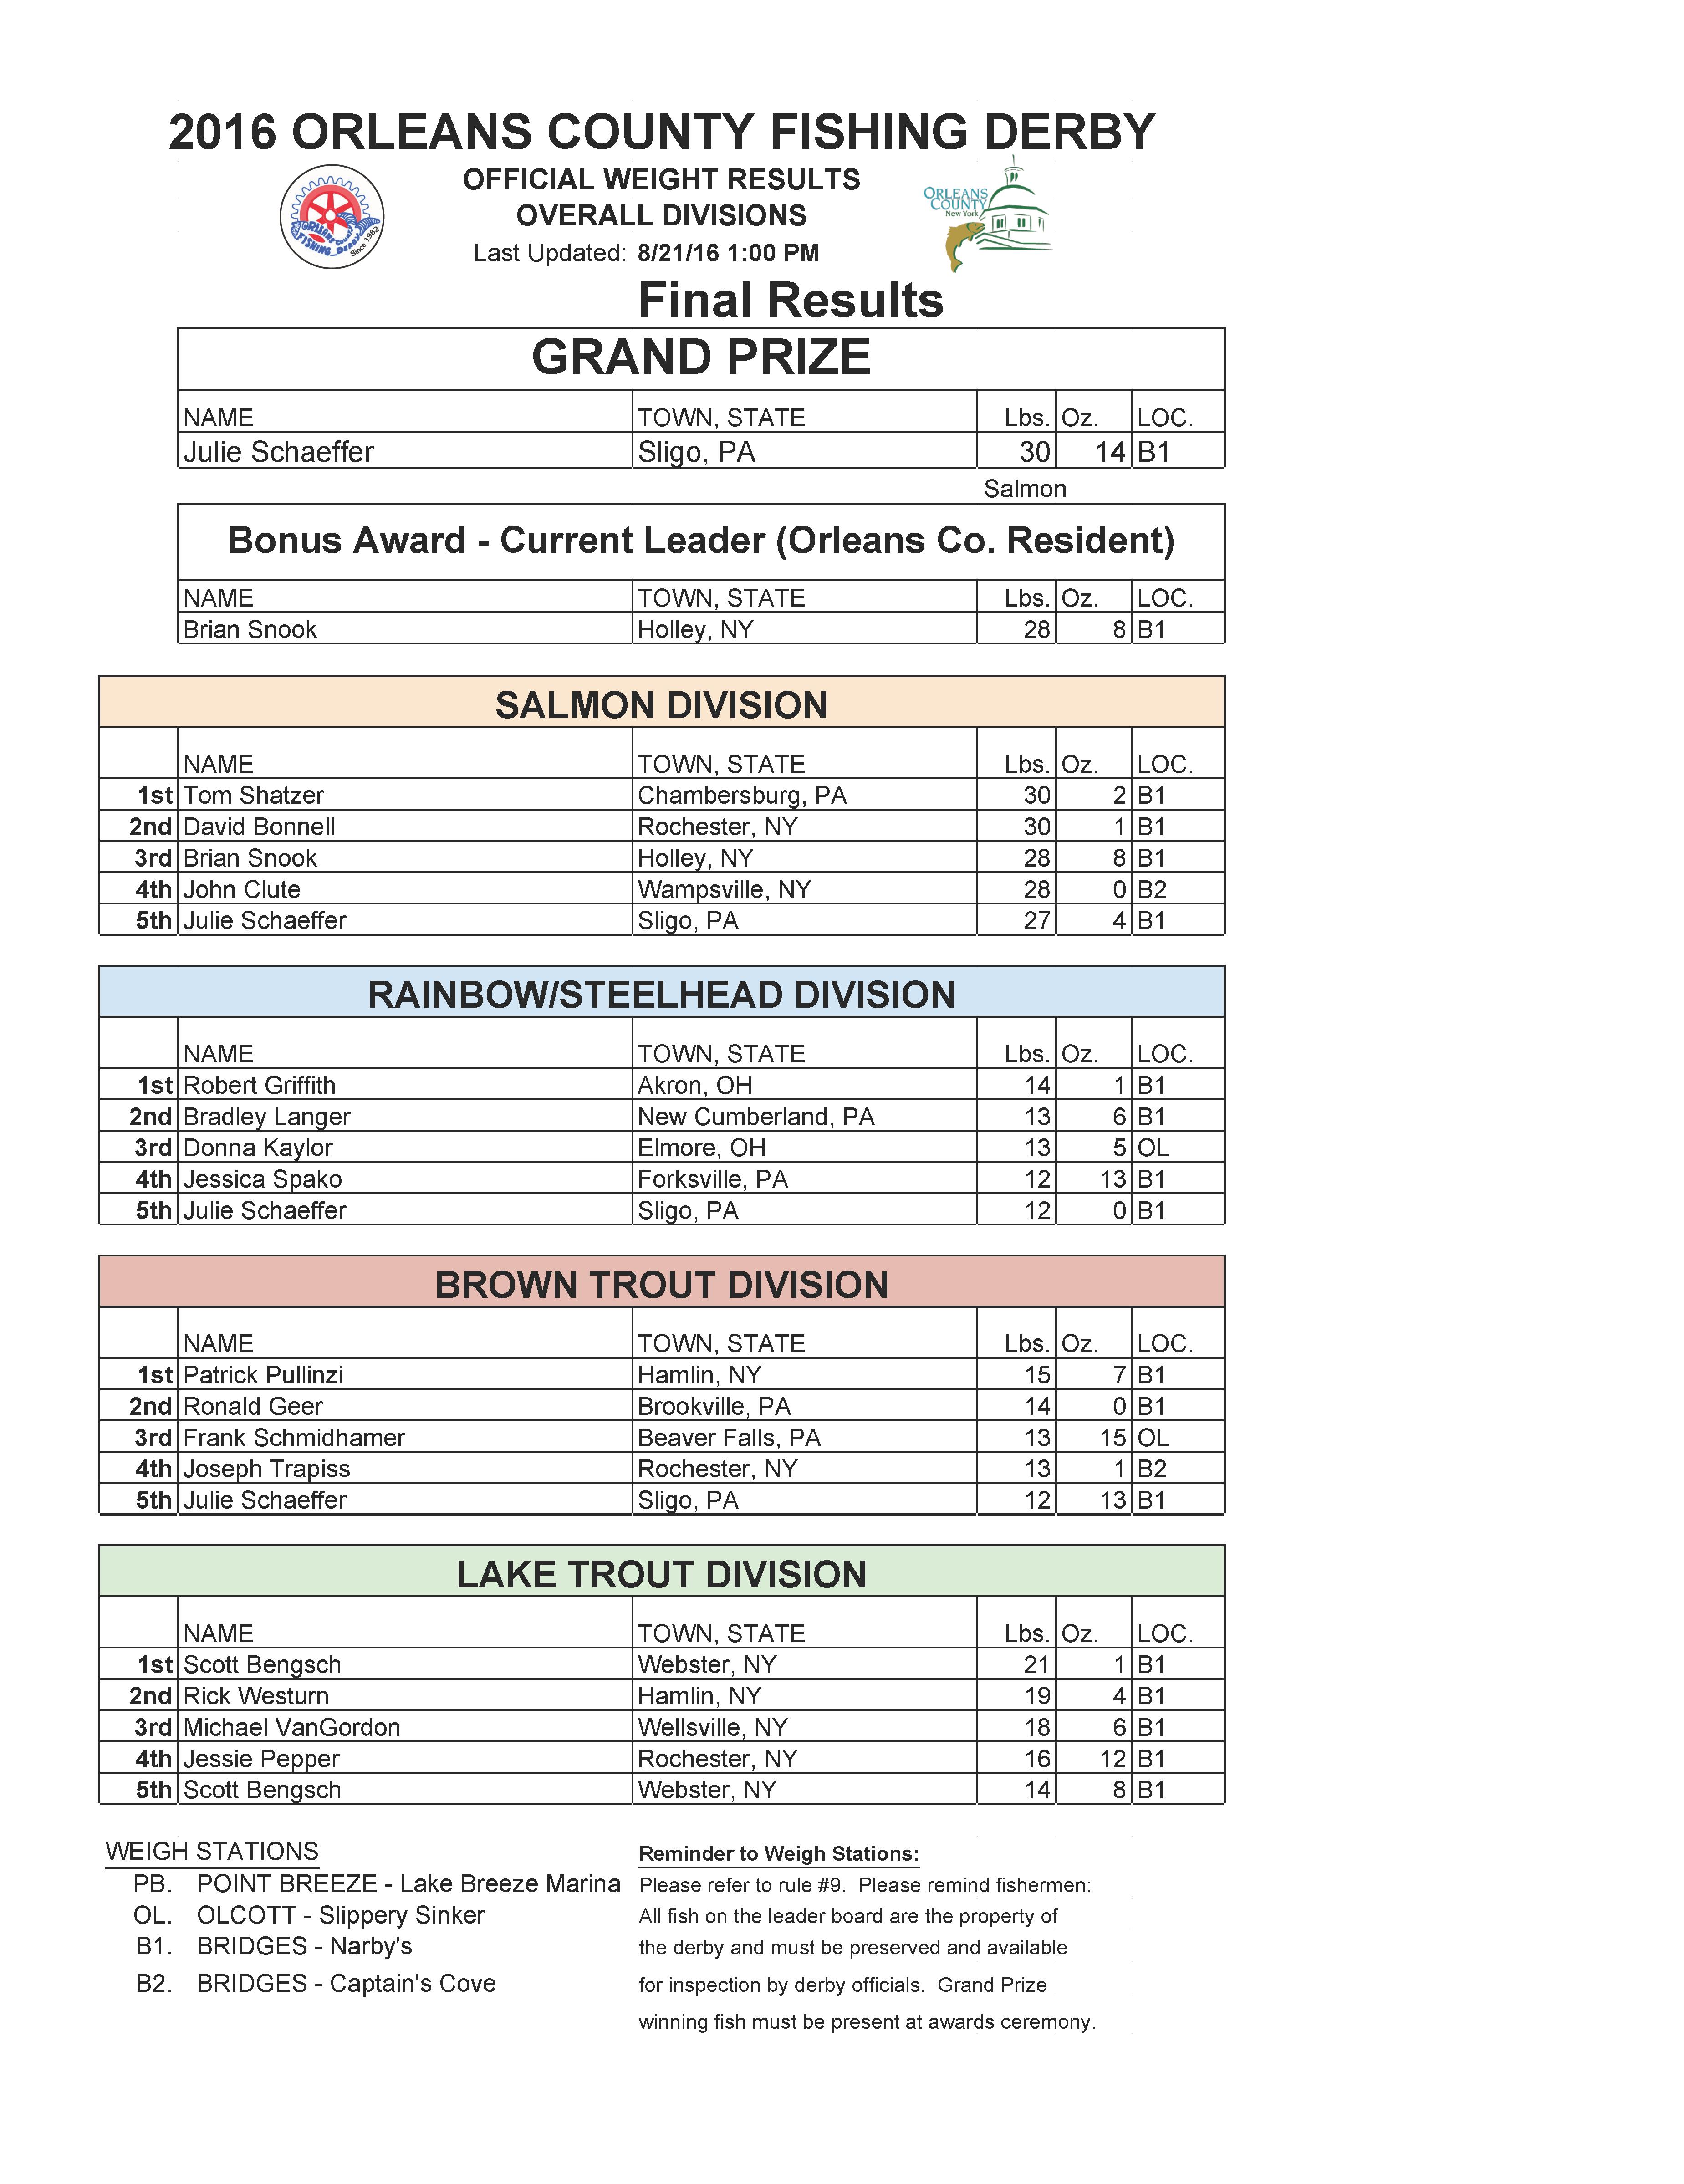 OCFD 2016 Final